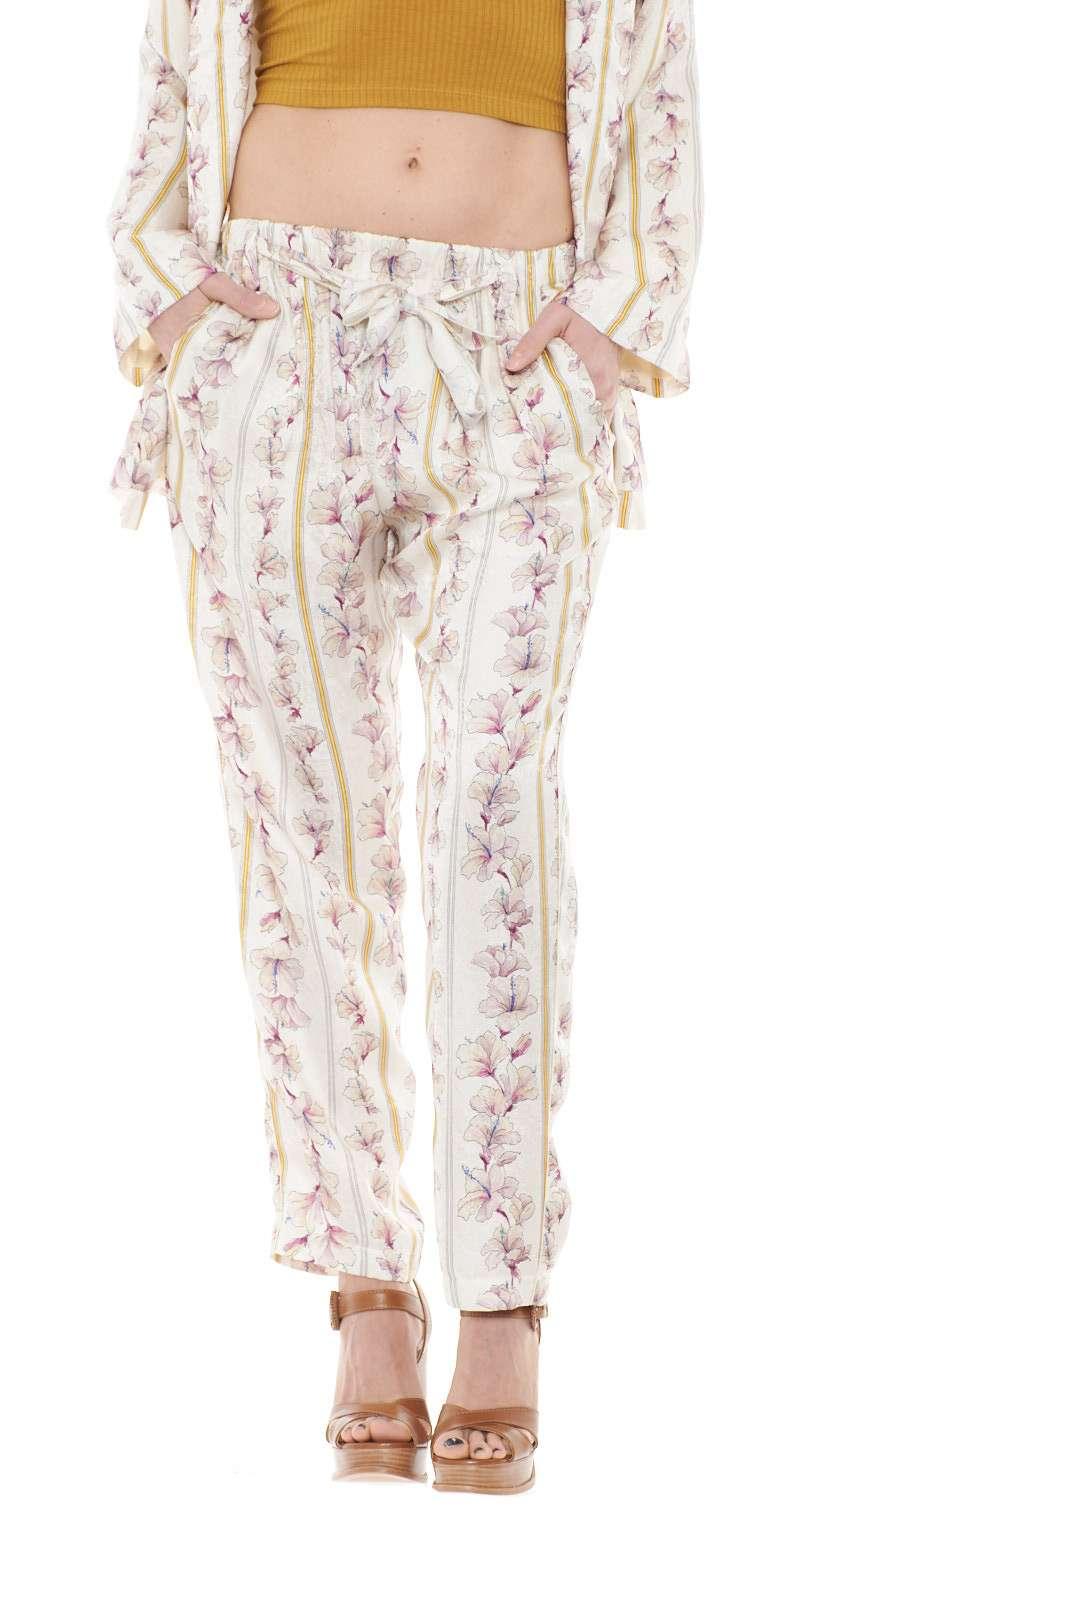 Un pantalone davvero unico, elegante e femminile, proposto da Forte Forte, per la donna che ama capi classici ed eleganti. Realizzato in un misto di seta e viscosa, risulterà fresco e morbido, per uno stile semplice e senza eccessi. Ideale da sfoggiare per cerimonie e party.